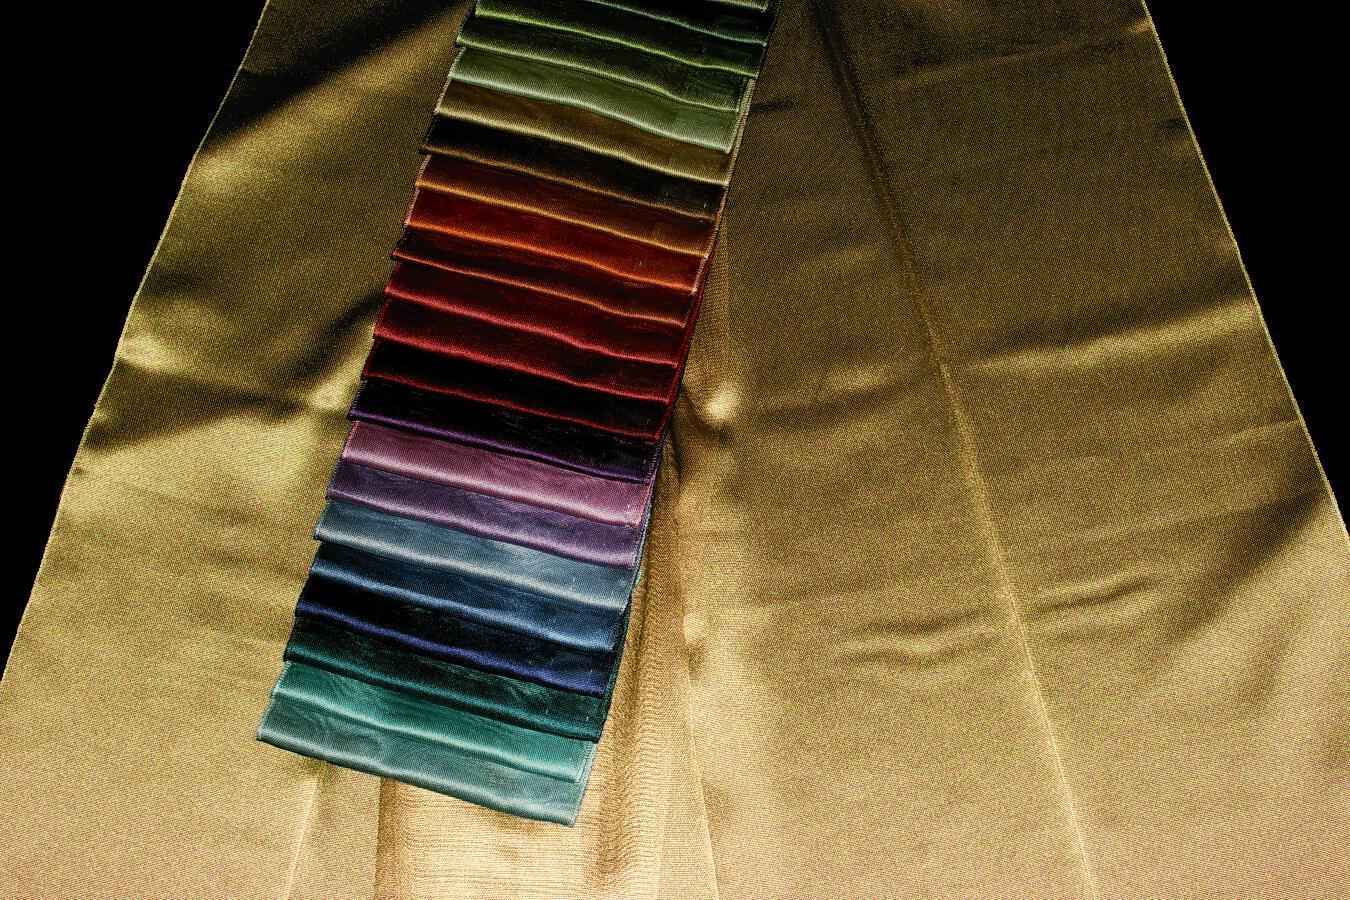 Záclona 2937 300 cm 09 černá